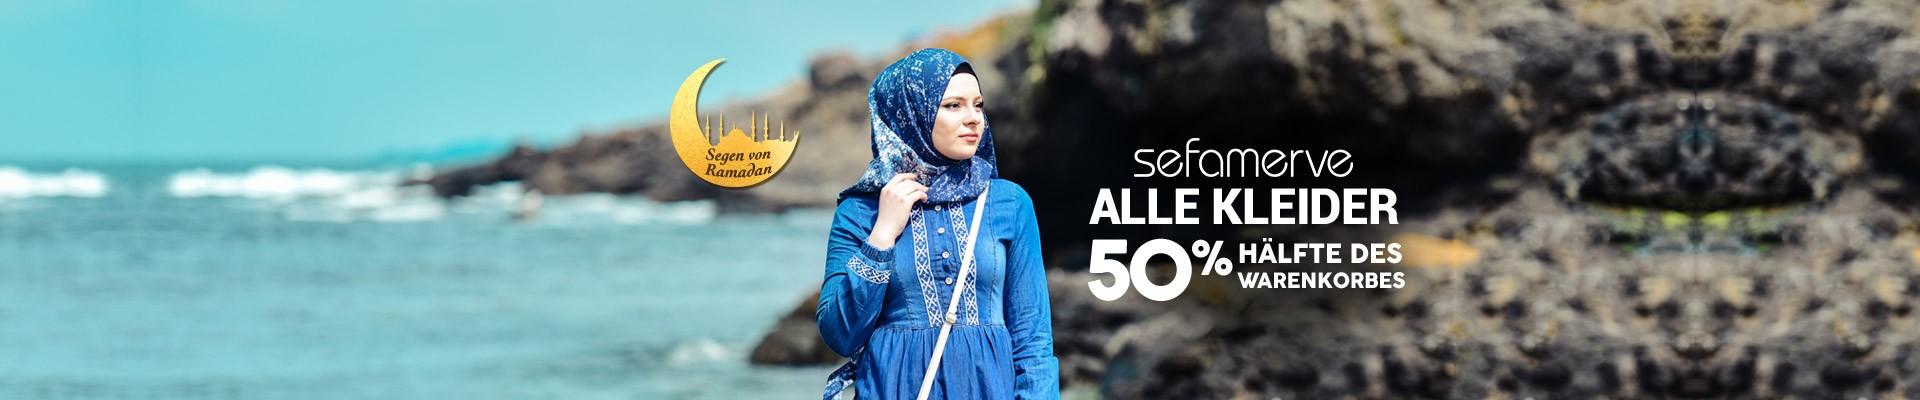 Alle Sefamerve Kleider 50% Hälfte des Warenkorbes